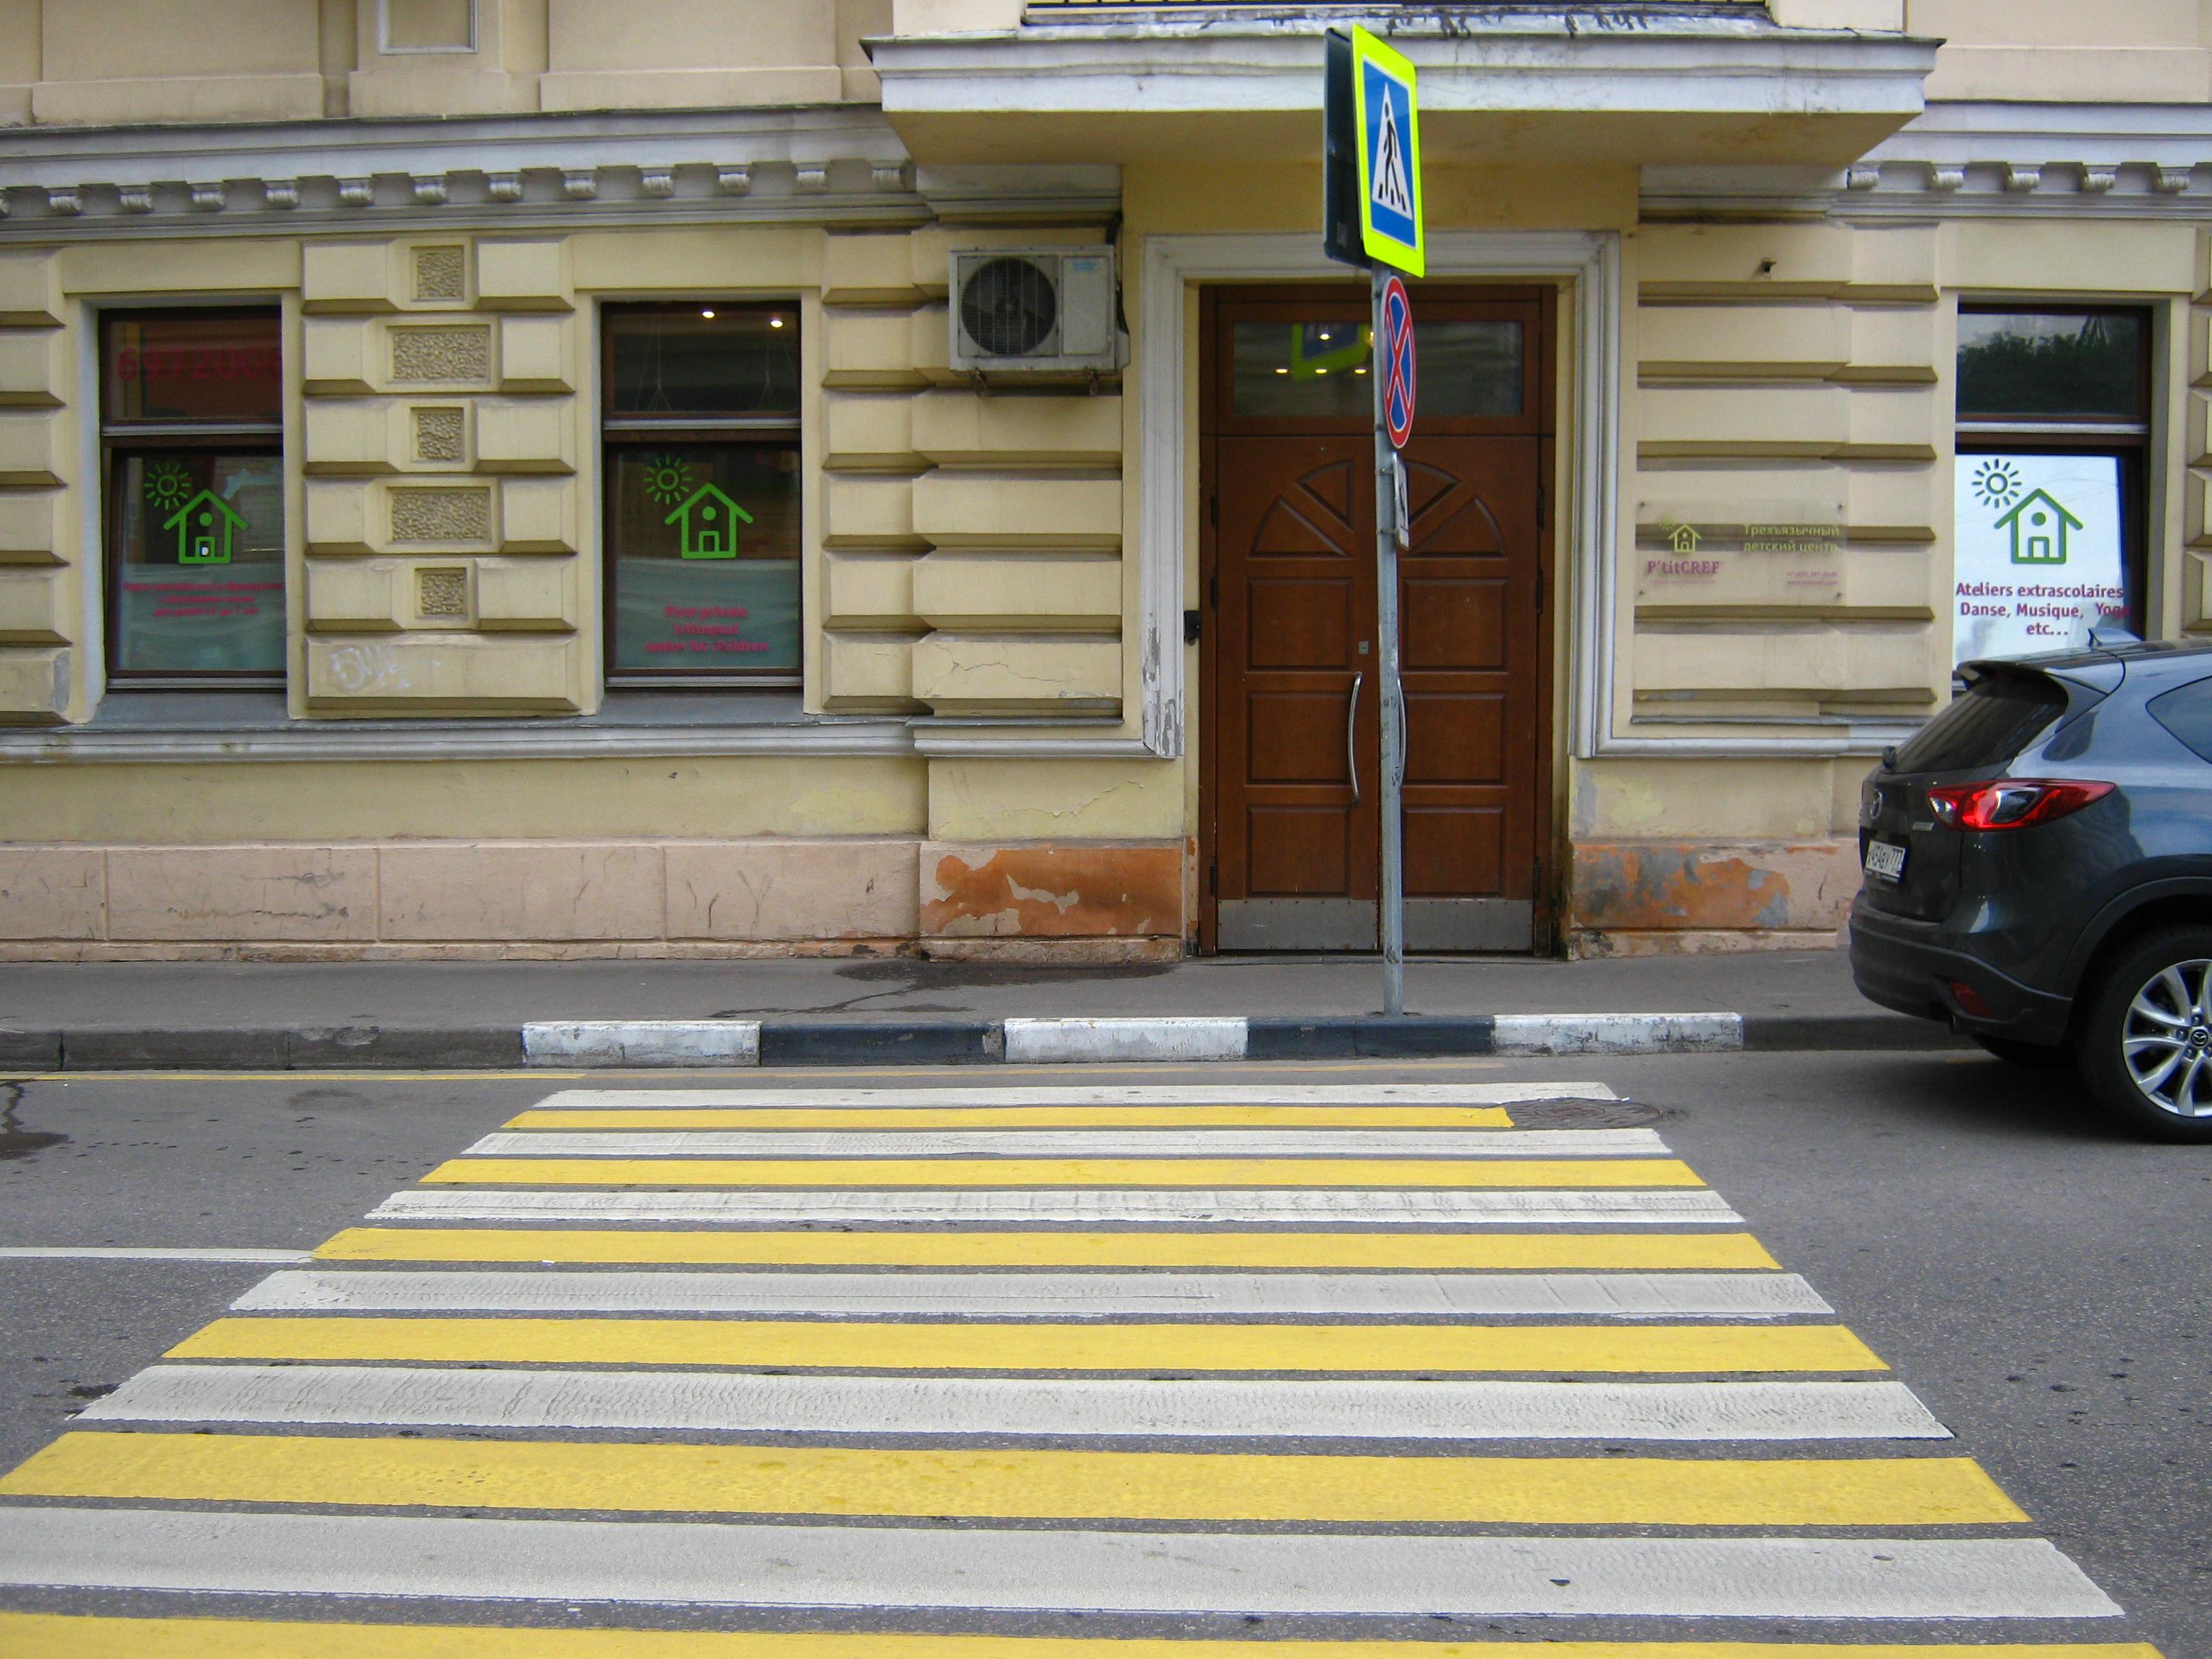 адаптация улиц для инвалидов Безбарьерная среда в городе. Успехи и неудачи Безбарьерная среда в городе. Успехи и неудачи 9